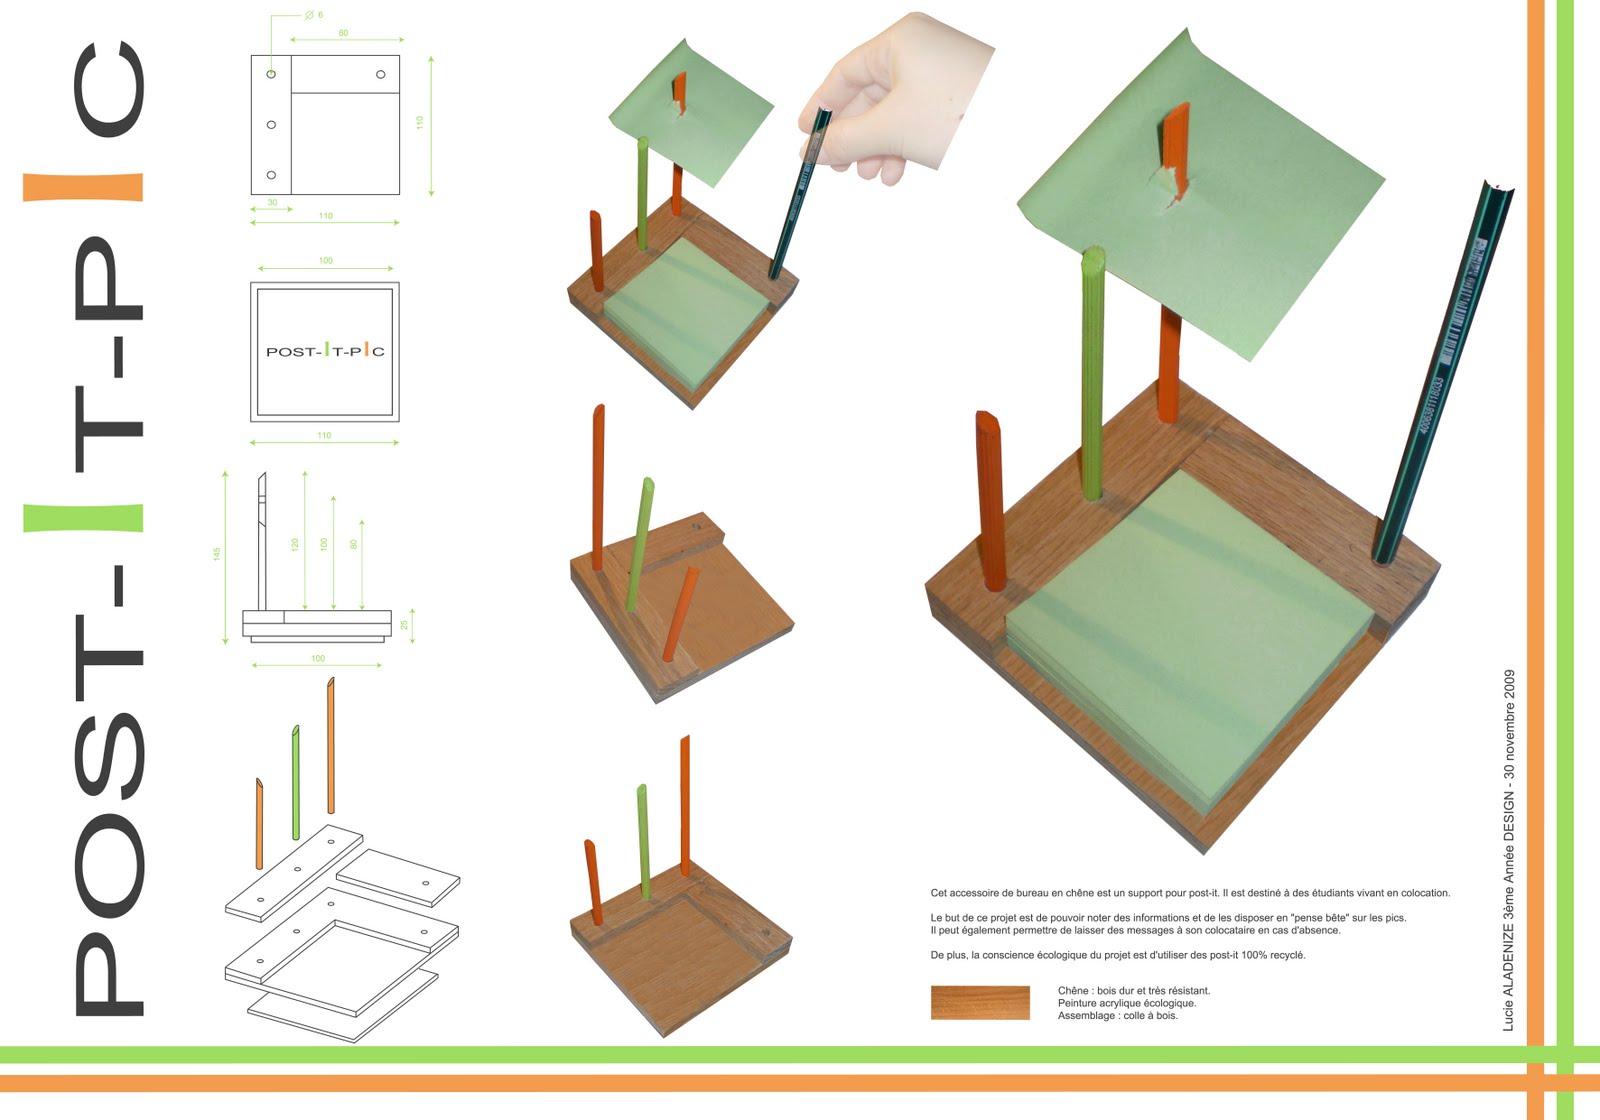 Le design de lucy accessoire de bureau post it pic for Accessoire de restaurant